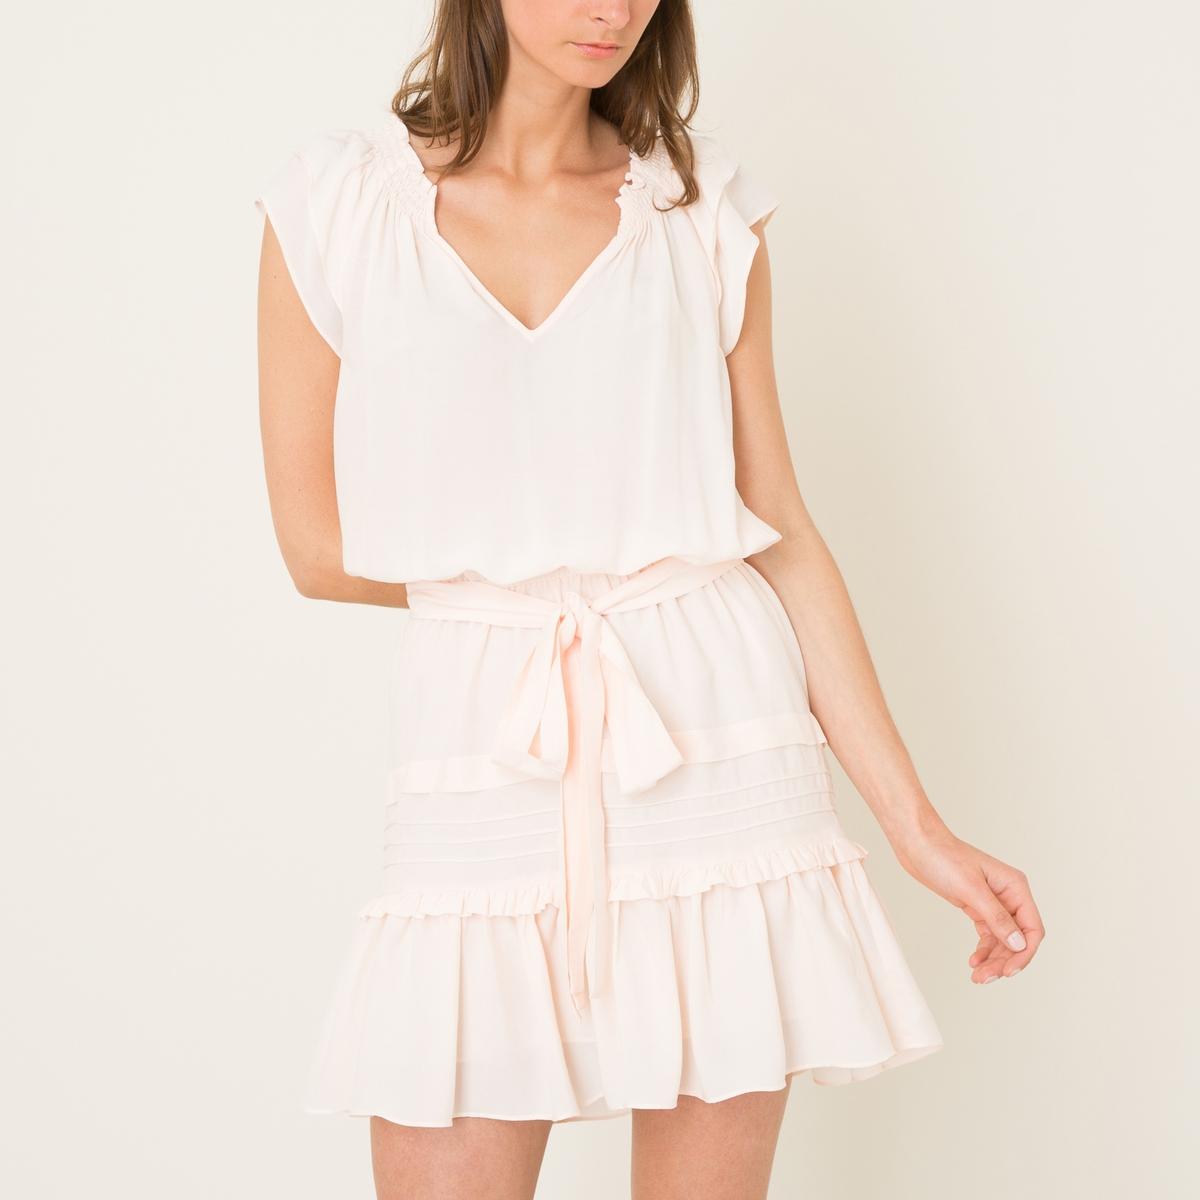 Платье LINIПлатье объемное BA&amp;SH - модель LINI из смесового шелка. V-образный вырез. Короткие рукава с воланами. Ремешок  с завязками и эластичный пояс . Сборки и воланы на юбке .Состав и описание    Материал : 60% вискозы, 40% шелка   Марка : BA&amp;SH<br><br>Цвет: телесный,черный